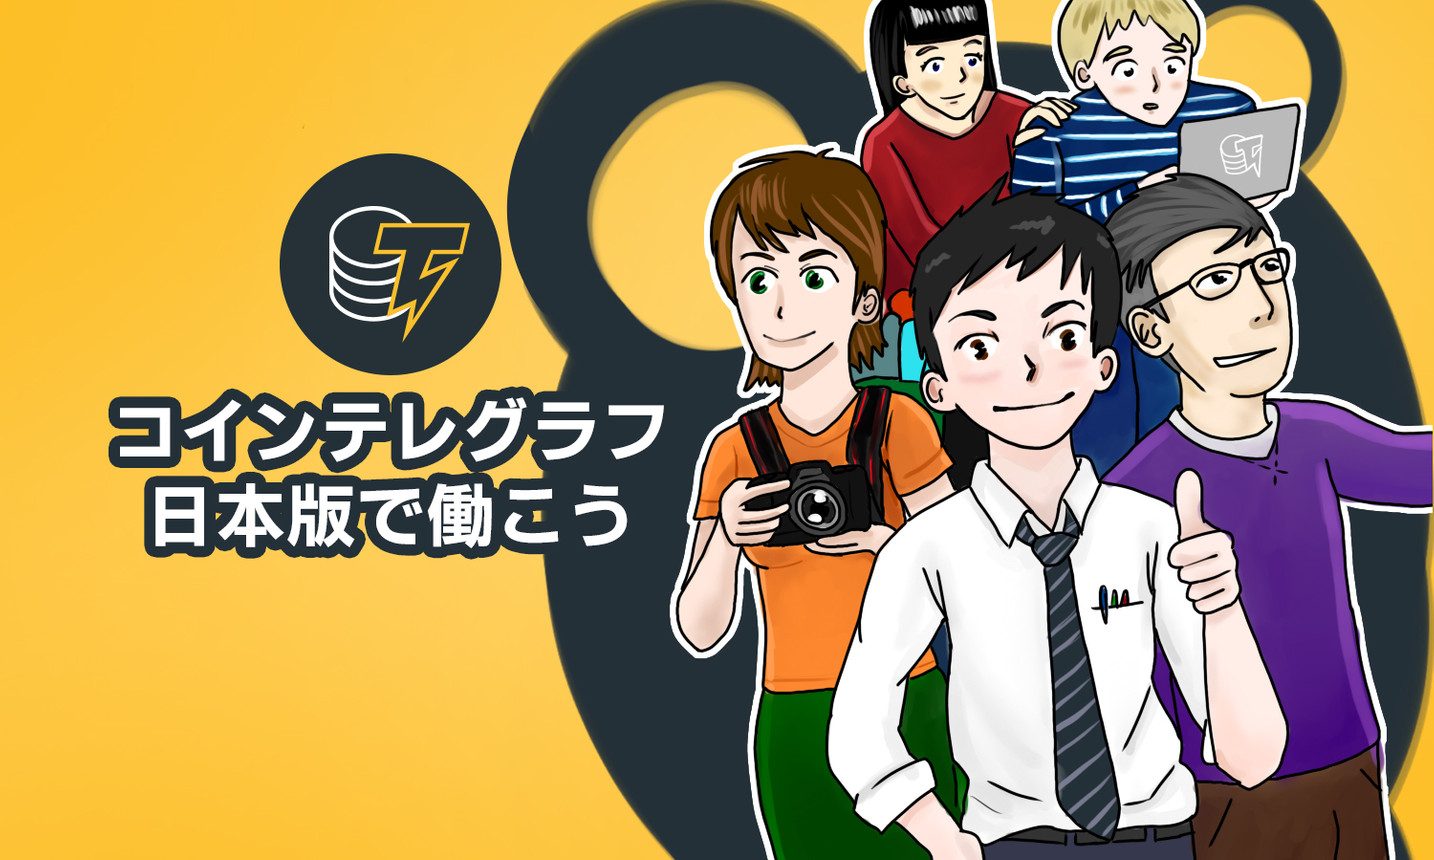 【求人】コインテレグラフ日本版は「価値のインターネット」に引き続き力強くコミット。世界トップ級仮想通貨メディアのメンバー募集。